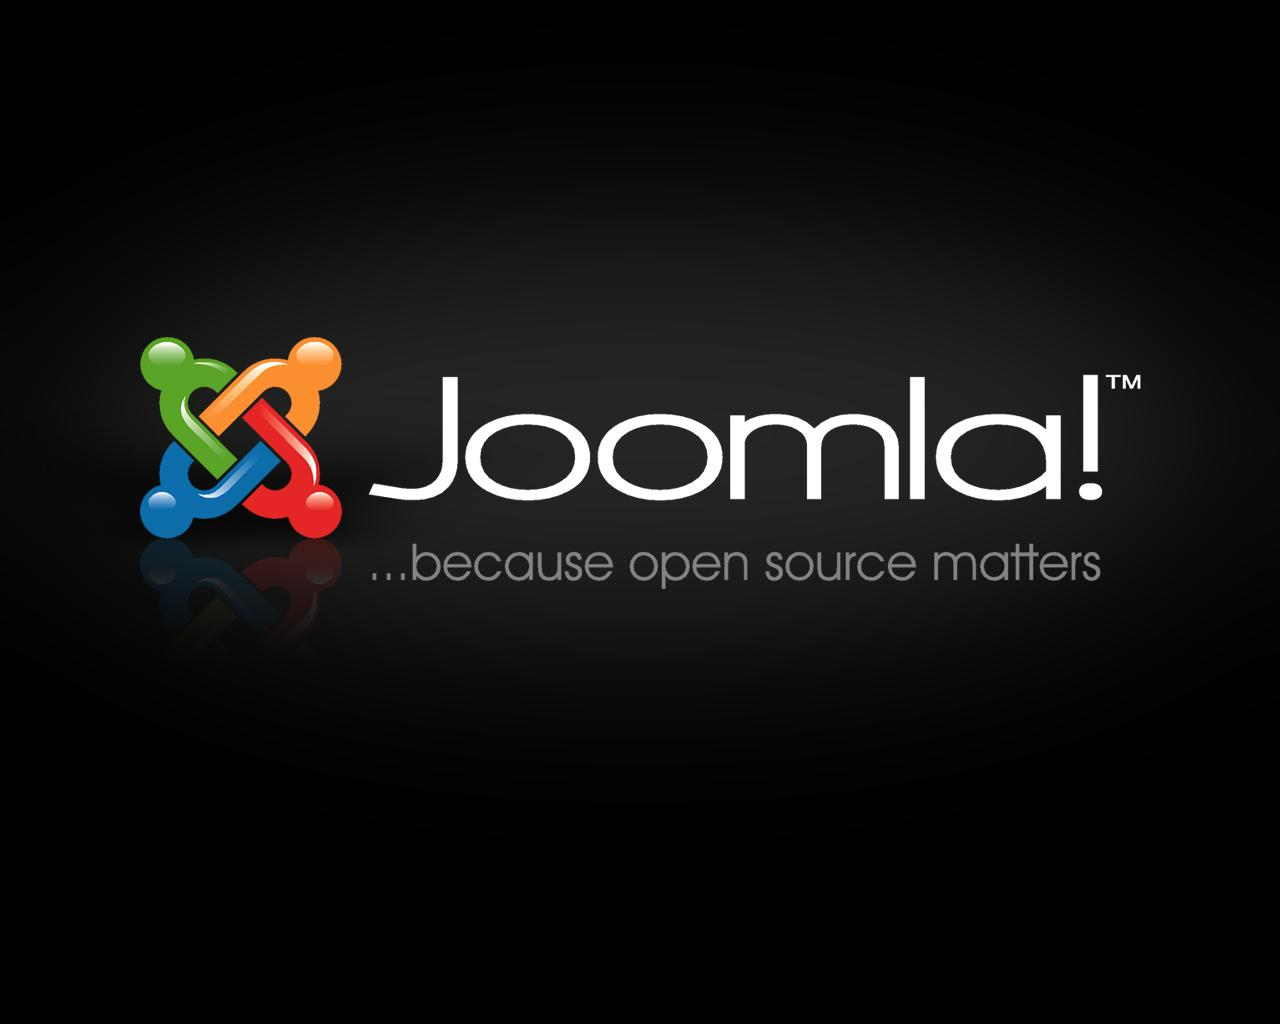 websites to help you joomla development jobs 3 websites to help you joomla development jobs